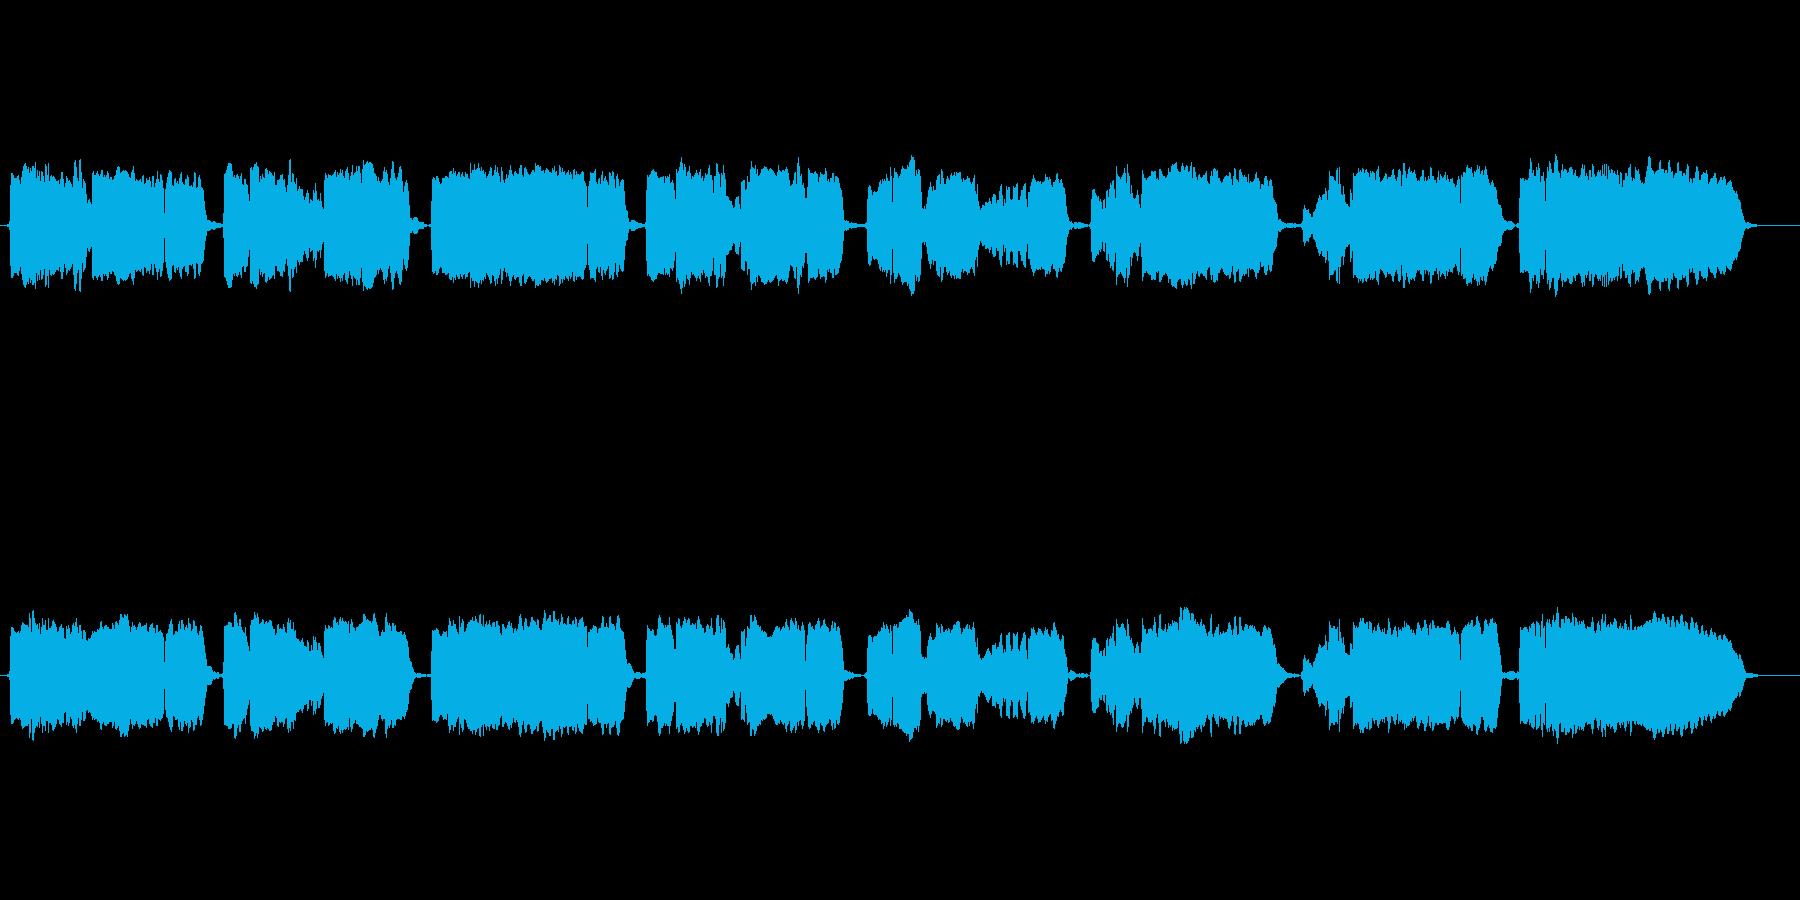 童謡「紅葉」の篠笛独奏の再生済みの波形